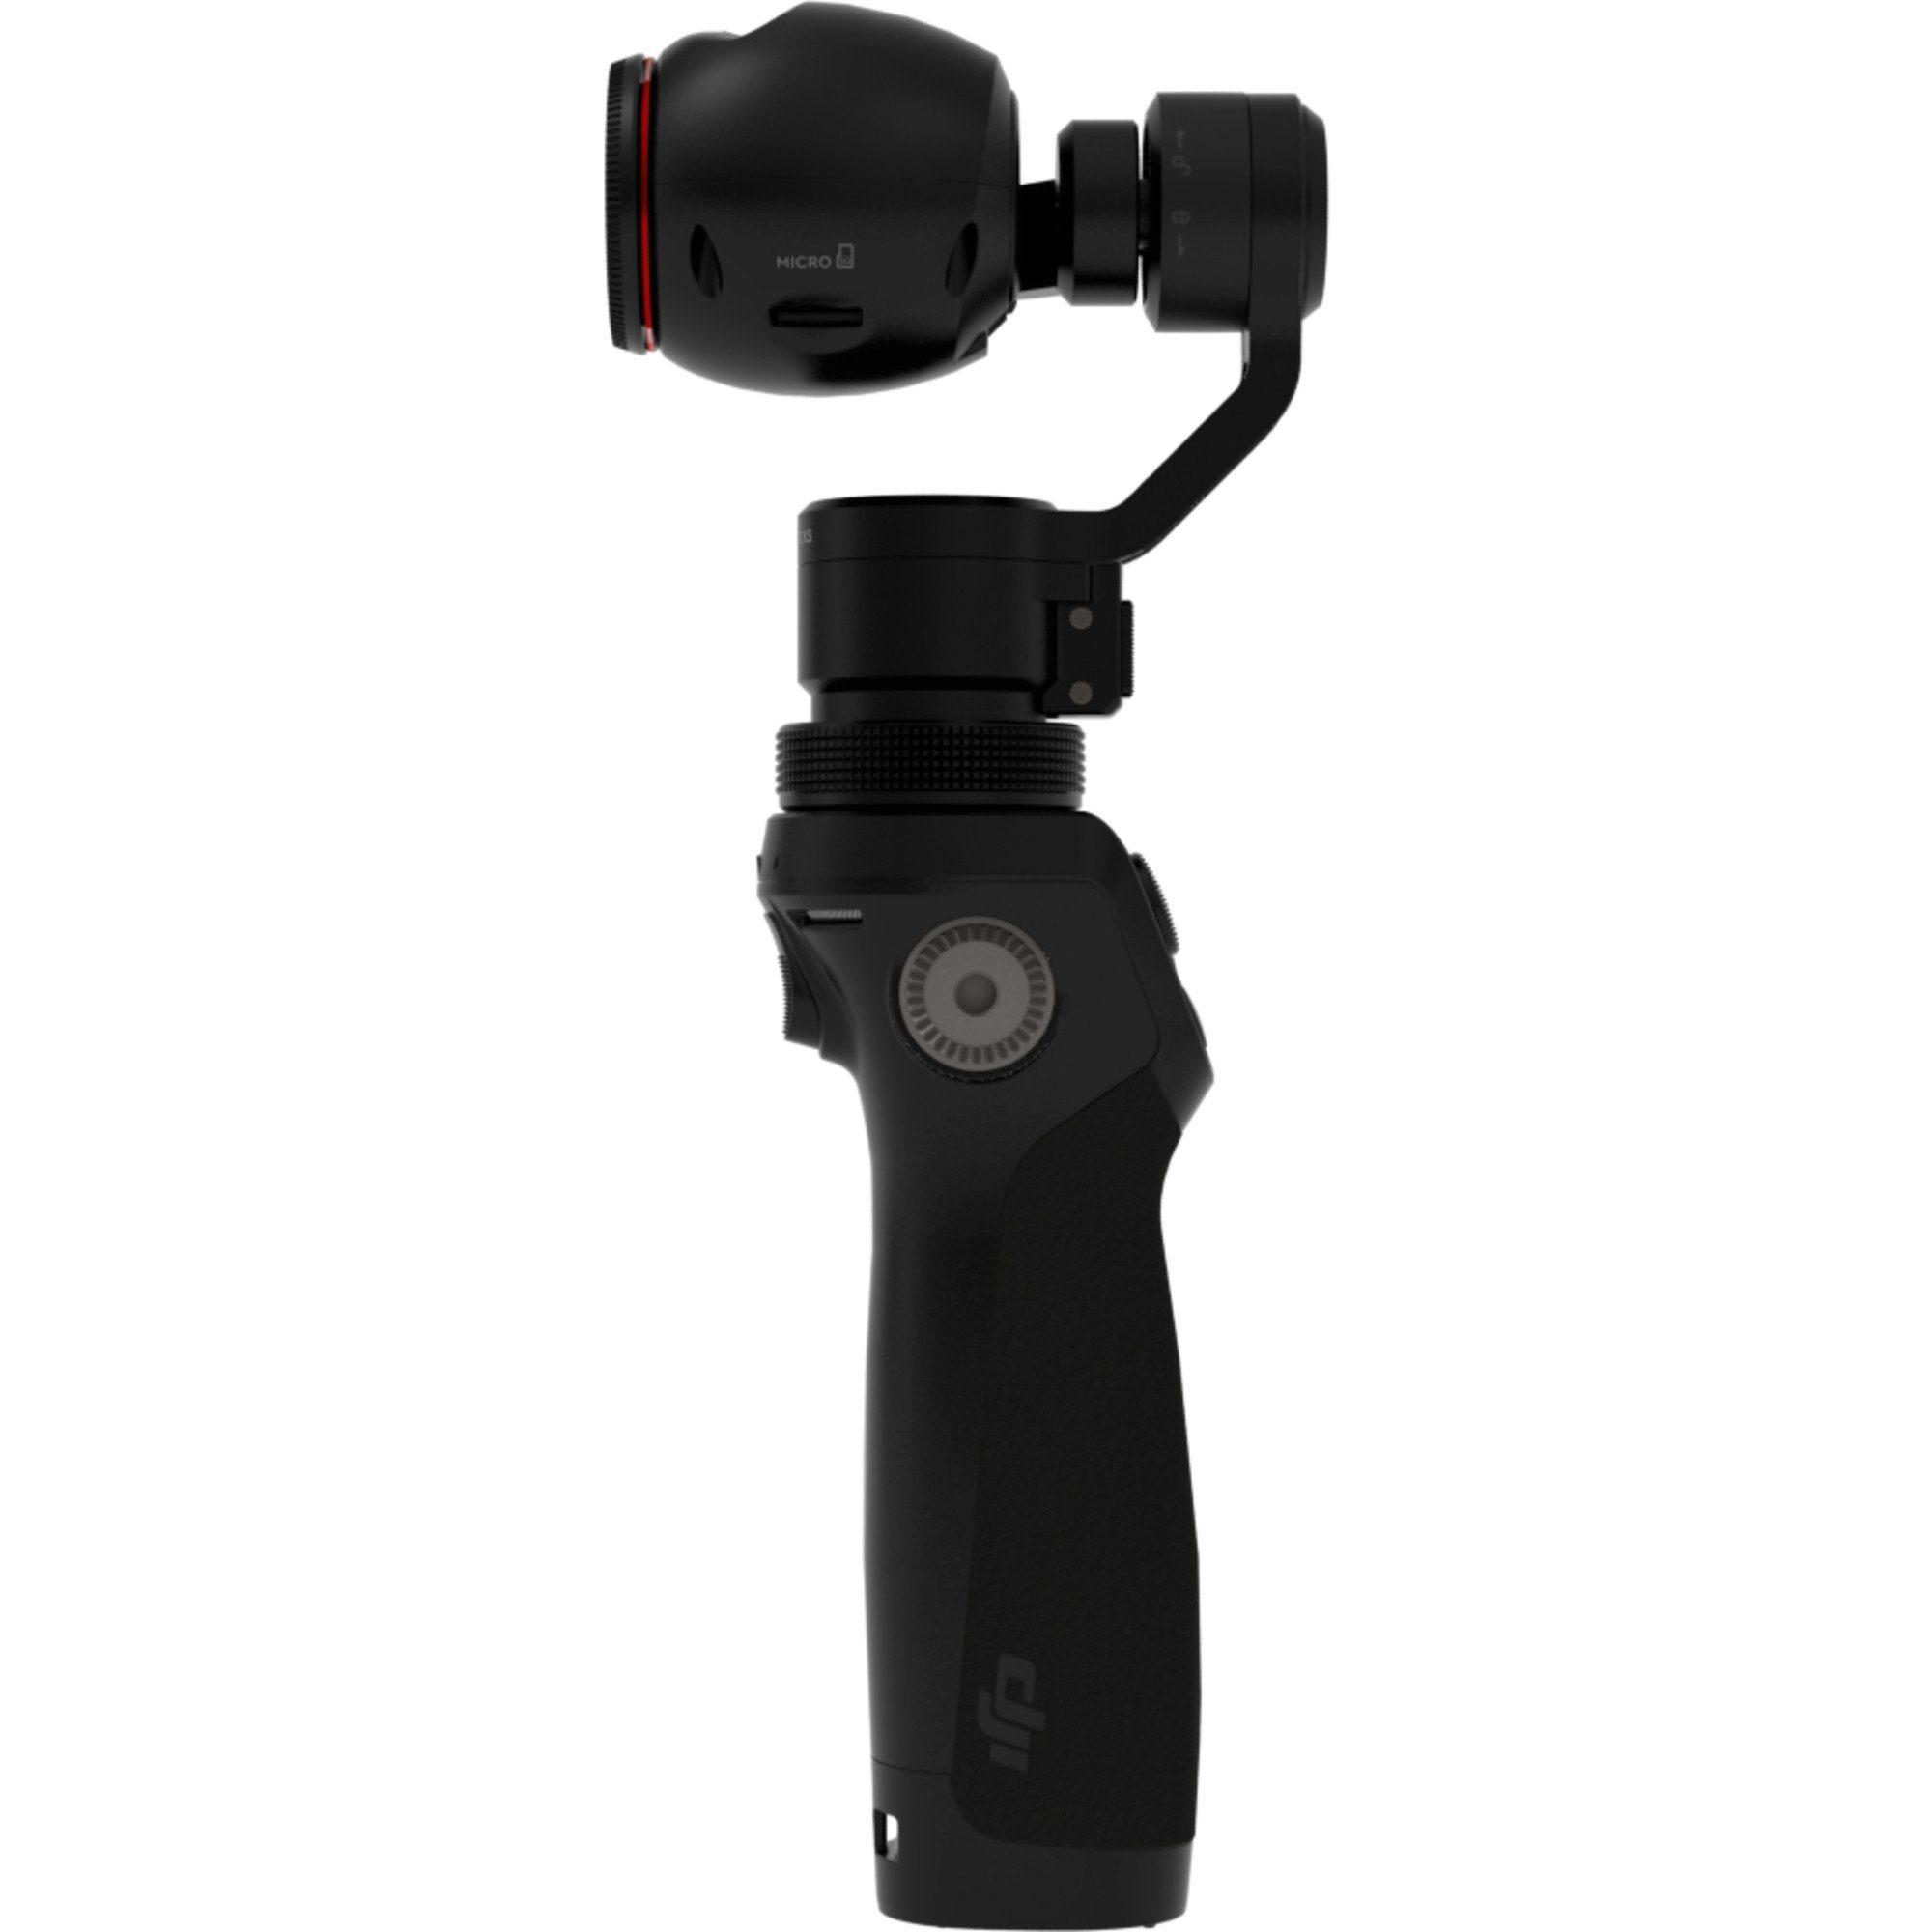 DJI Videokamera »Osmo«